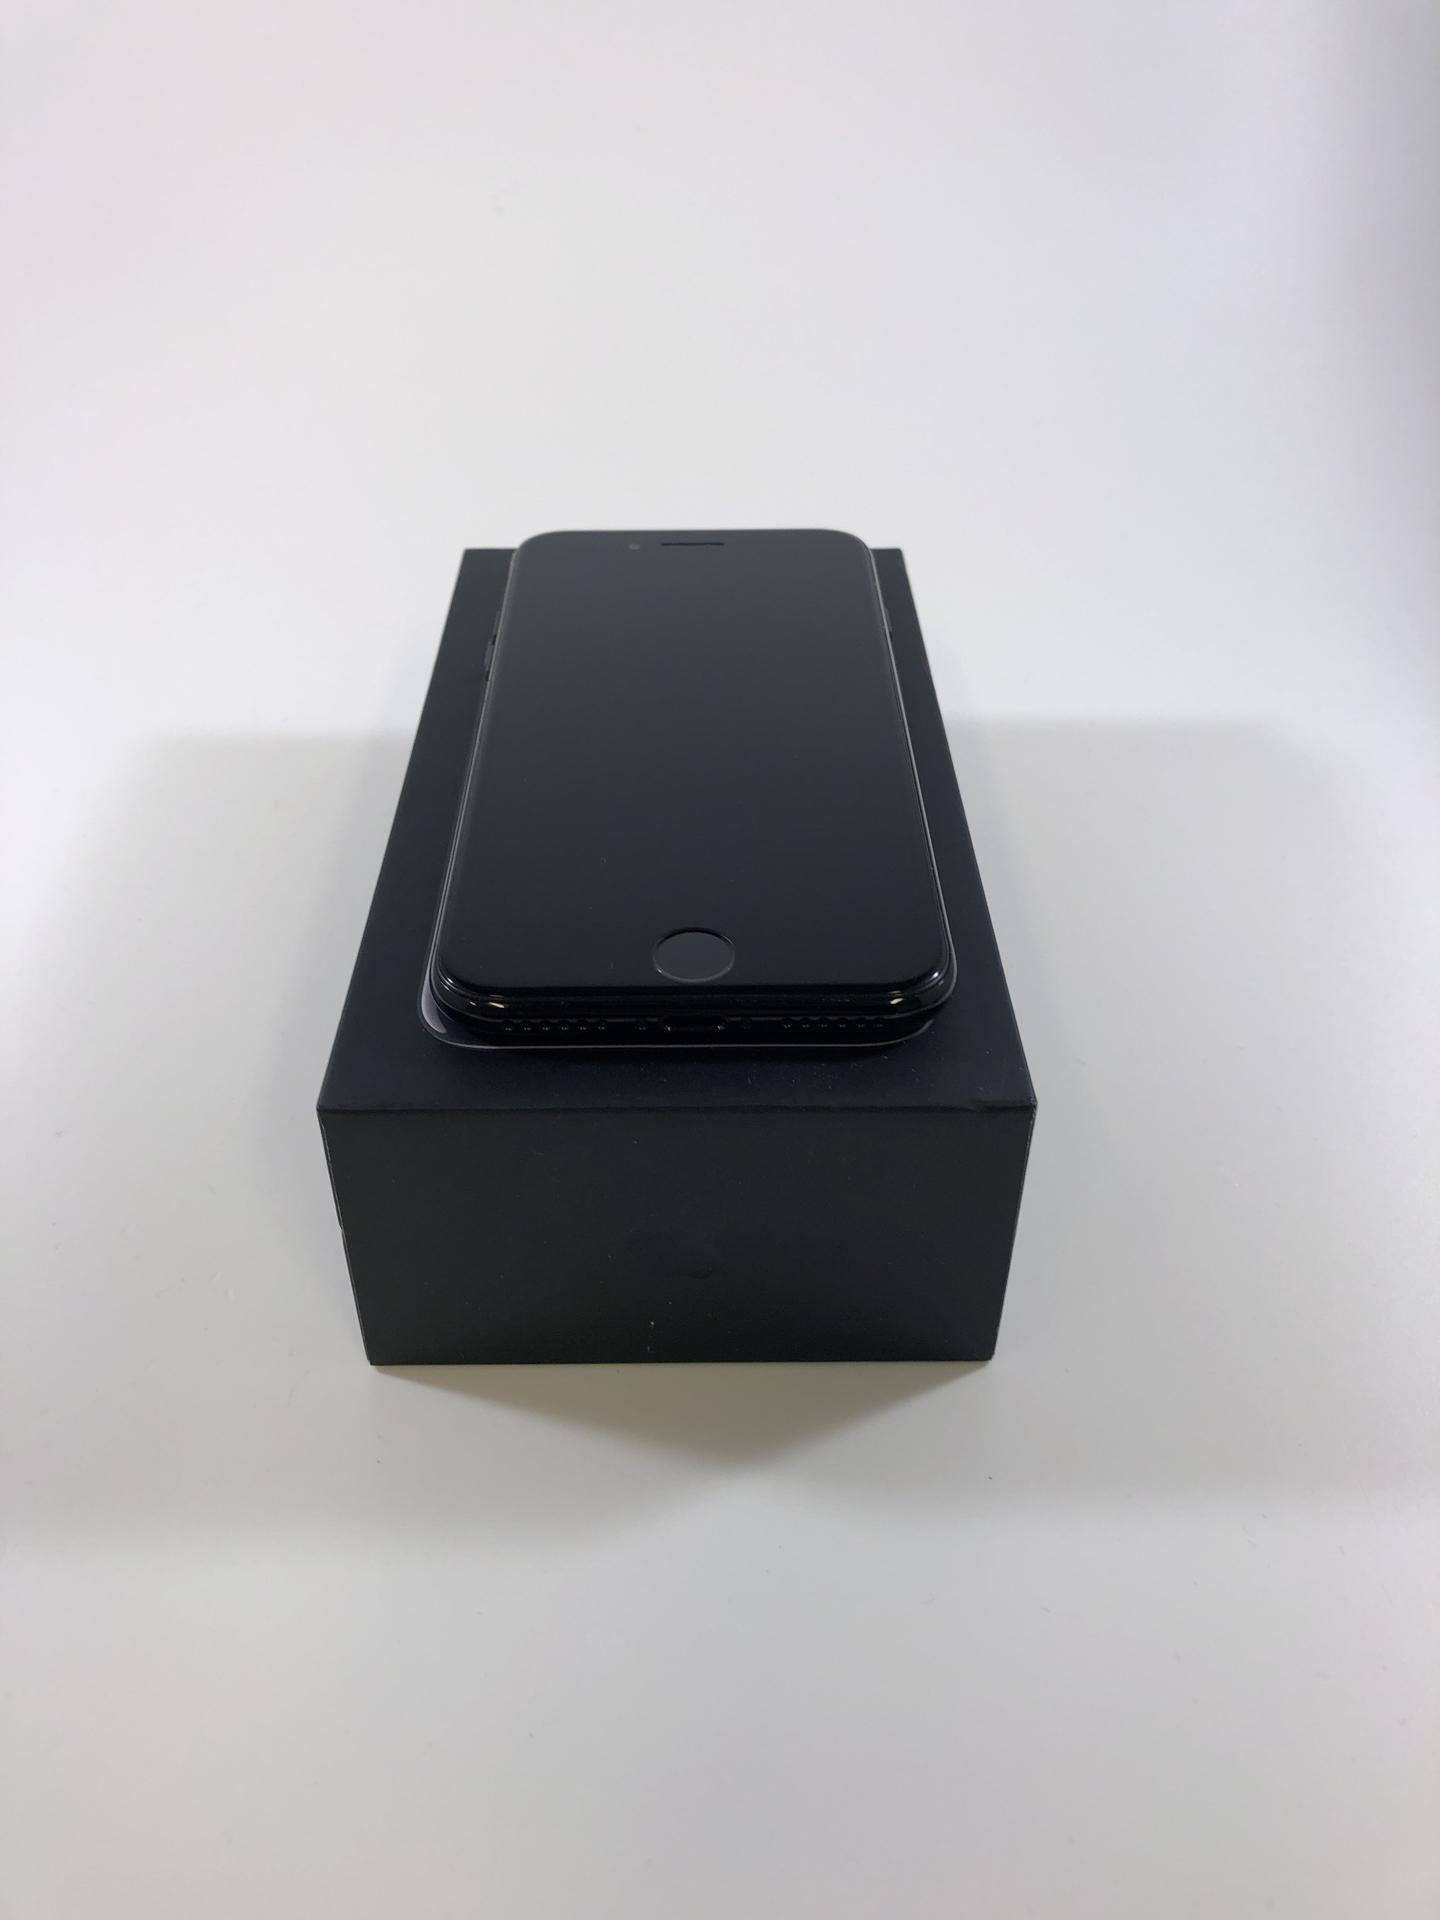 iPhone 7 128GB, 128GB, Jet Black, obraz 3